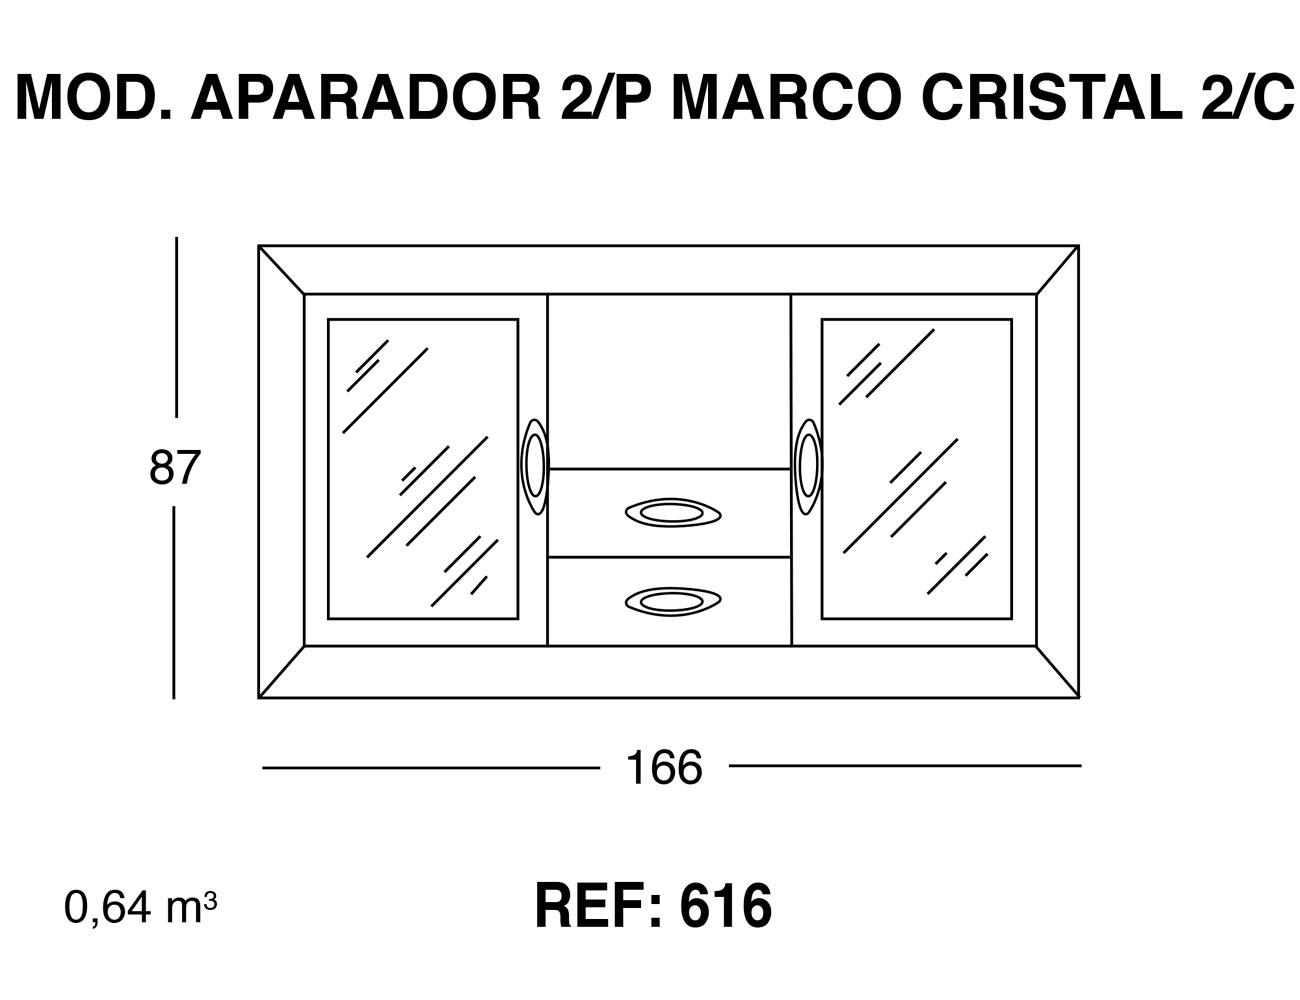 Modulo aparador 2p marco cristal 2 cajones